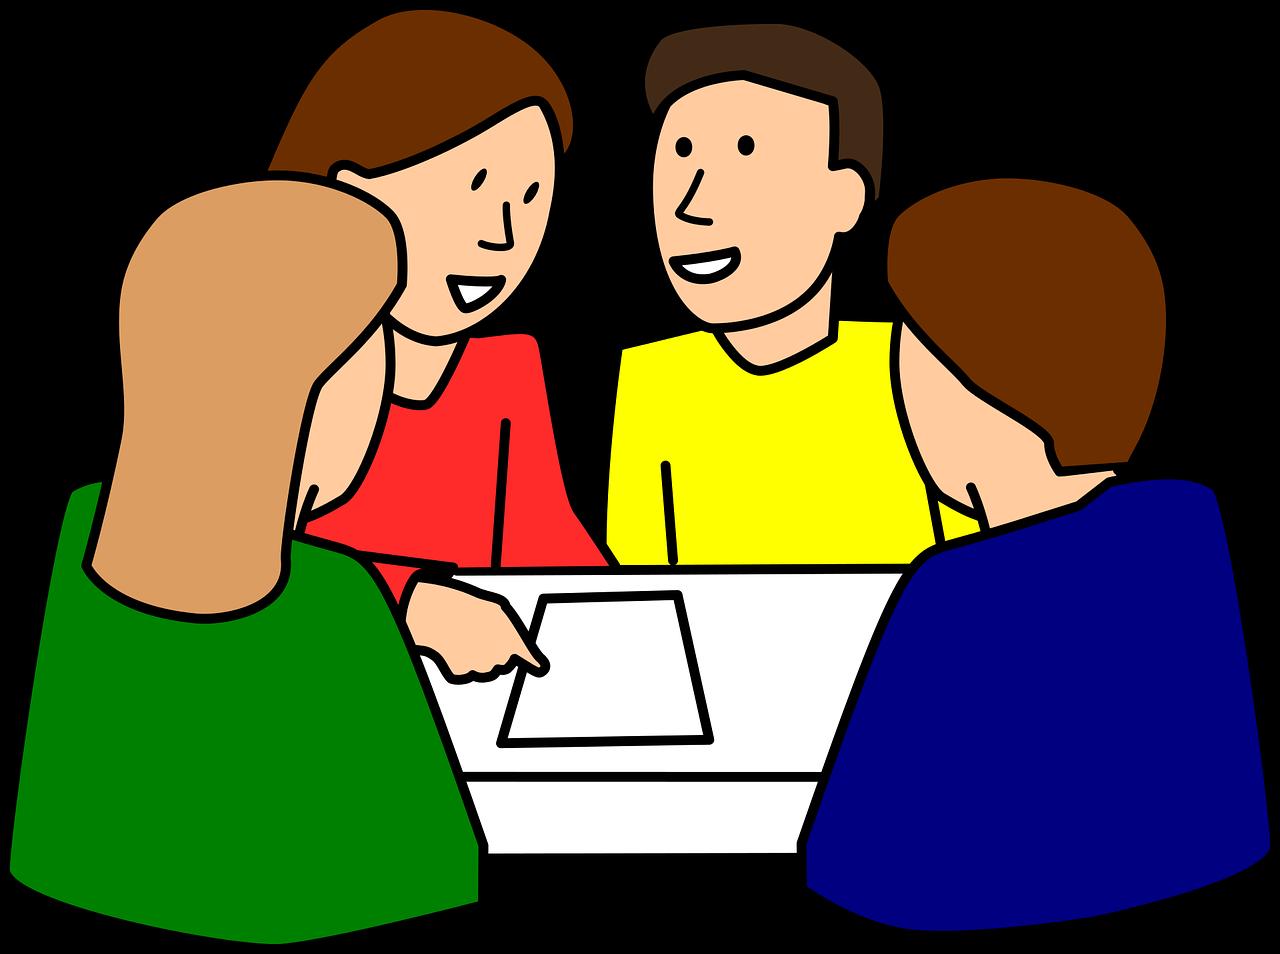 Σκίτσο με 4 σπουδαστές που μαθαίνουν ιταλικά